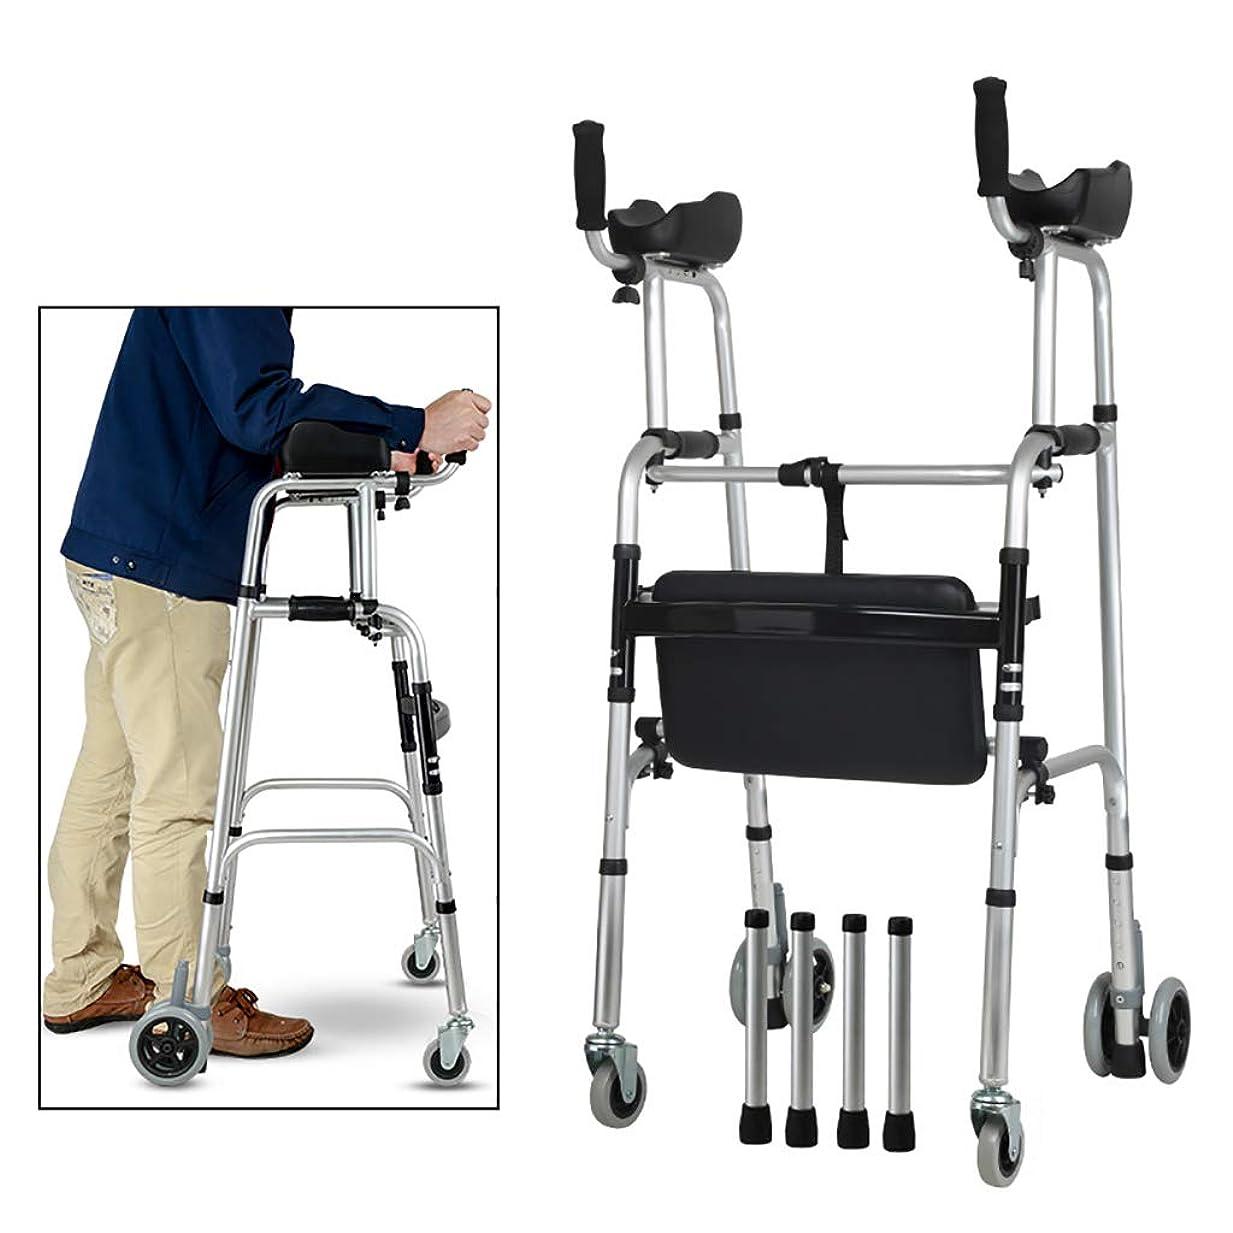 持続的失業争いアルミ折りたたみ歩行フレーム、歩行移動補助具、シートと肘掛け付きの車輪付き歩行器、下肢トレーナー